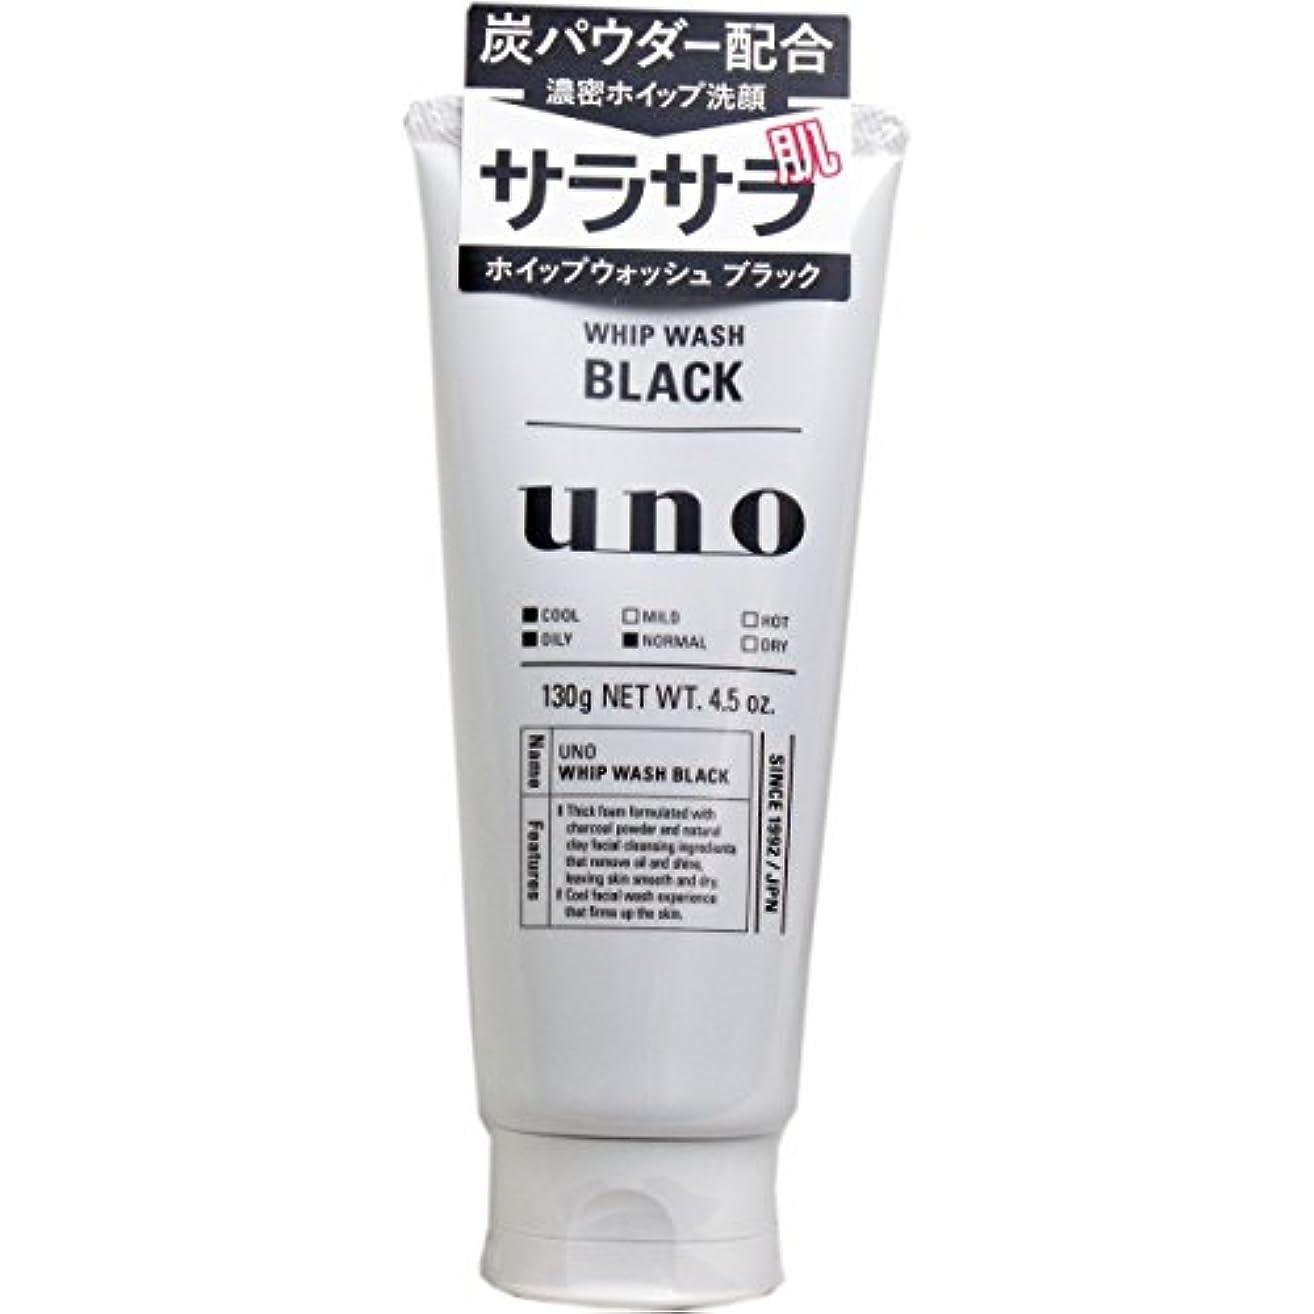 続ける出力不注意【まとめ買い】ウーノ ホイップウォッシュ (ブラック) 洗顔料 130g×6個